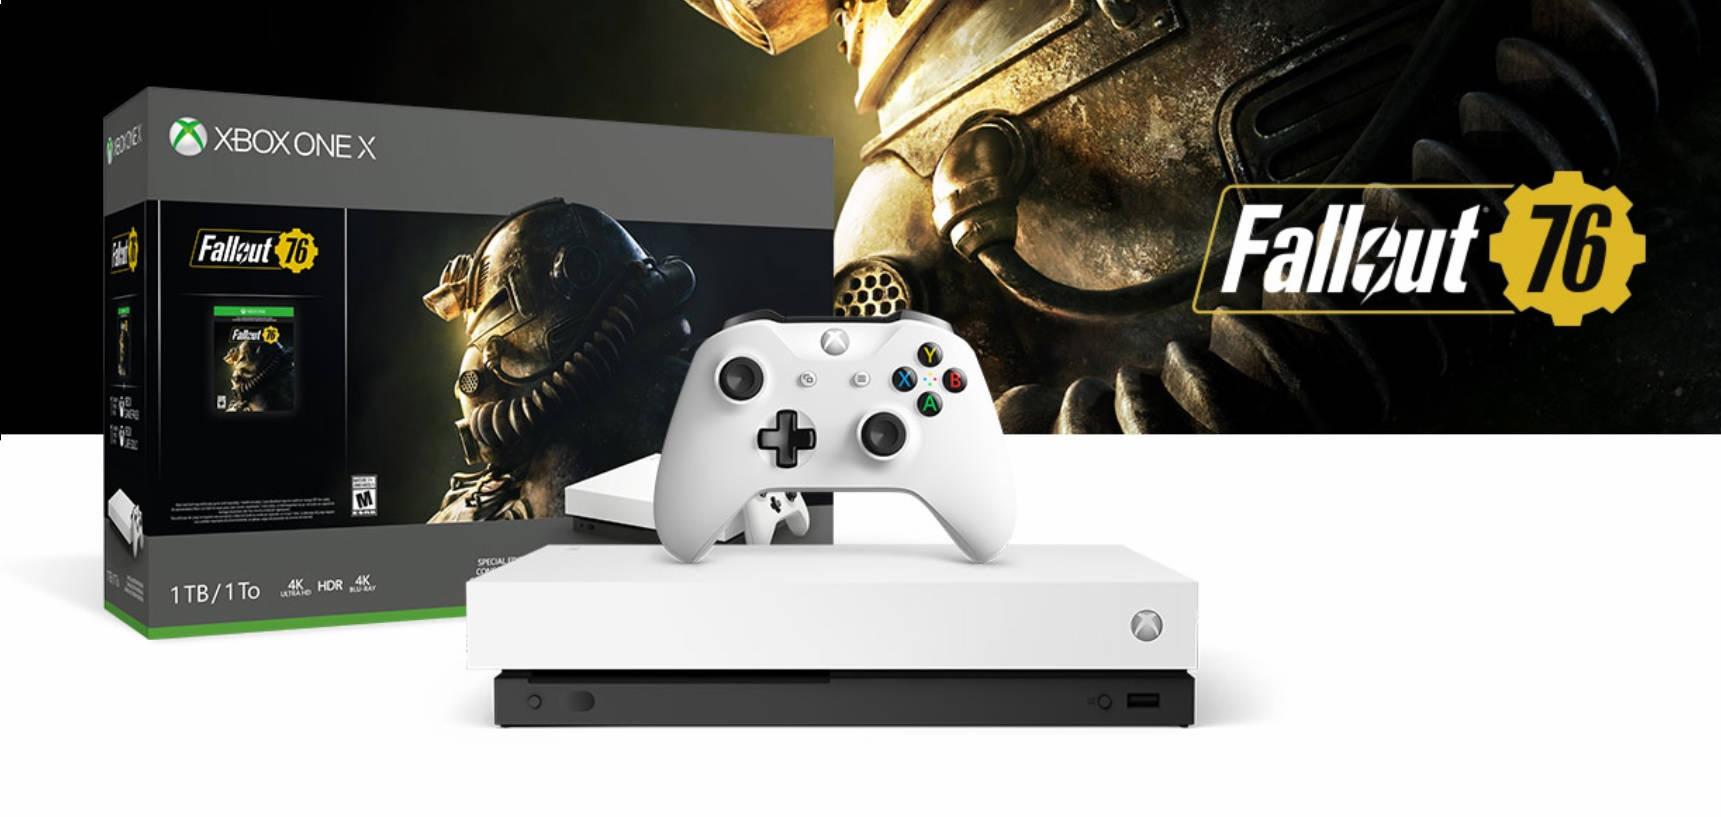 Xbox One X Robot White Edición especial Pack Fallout 76 (1TB)